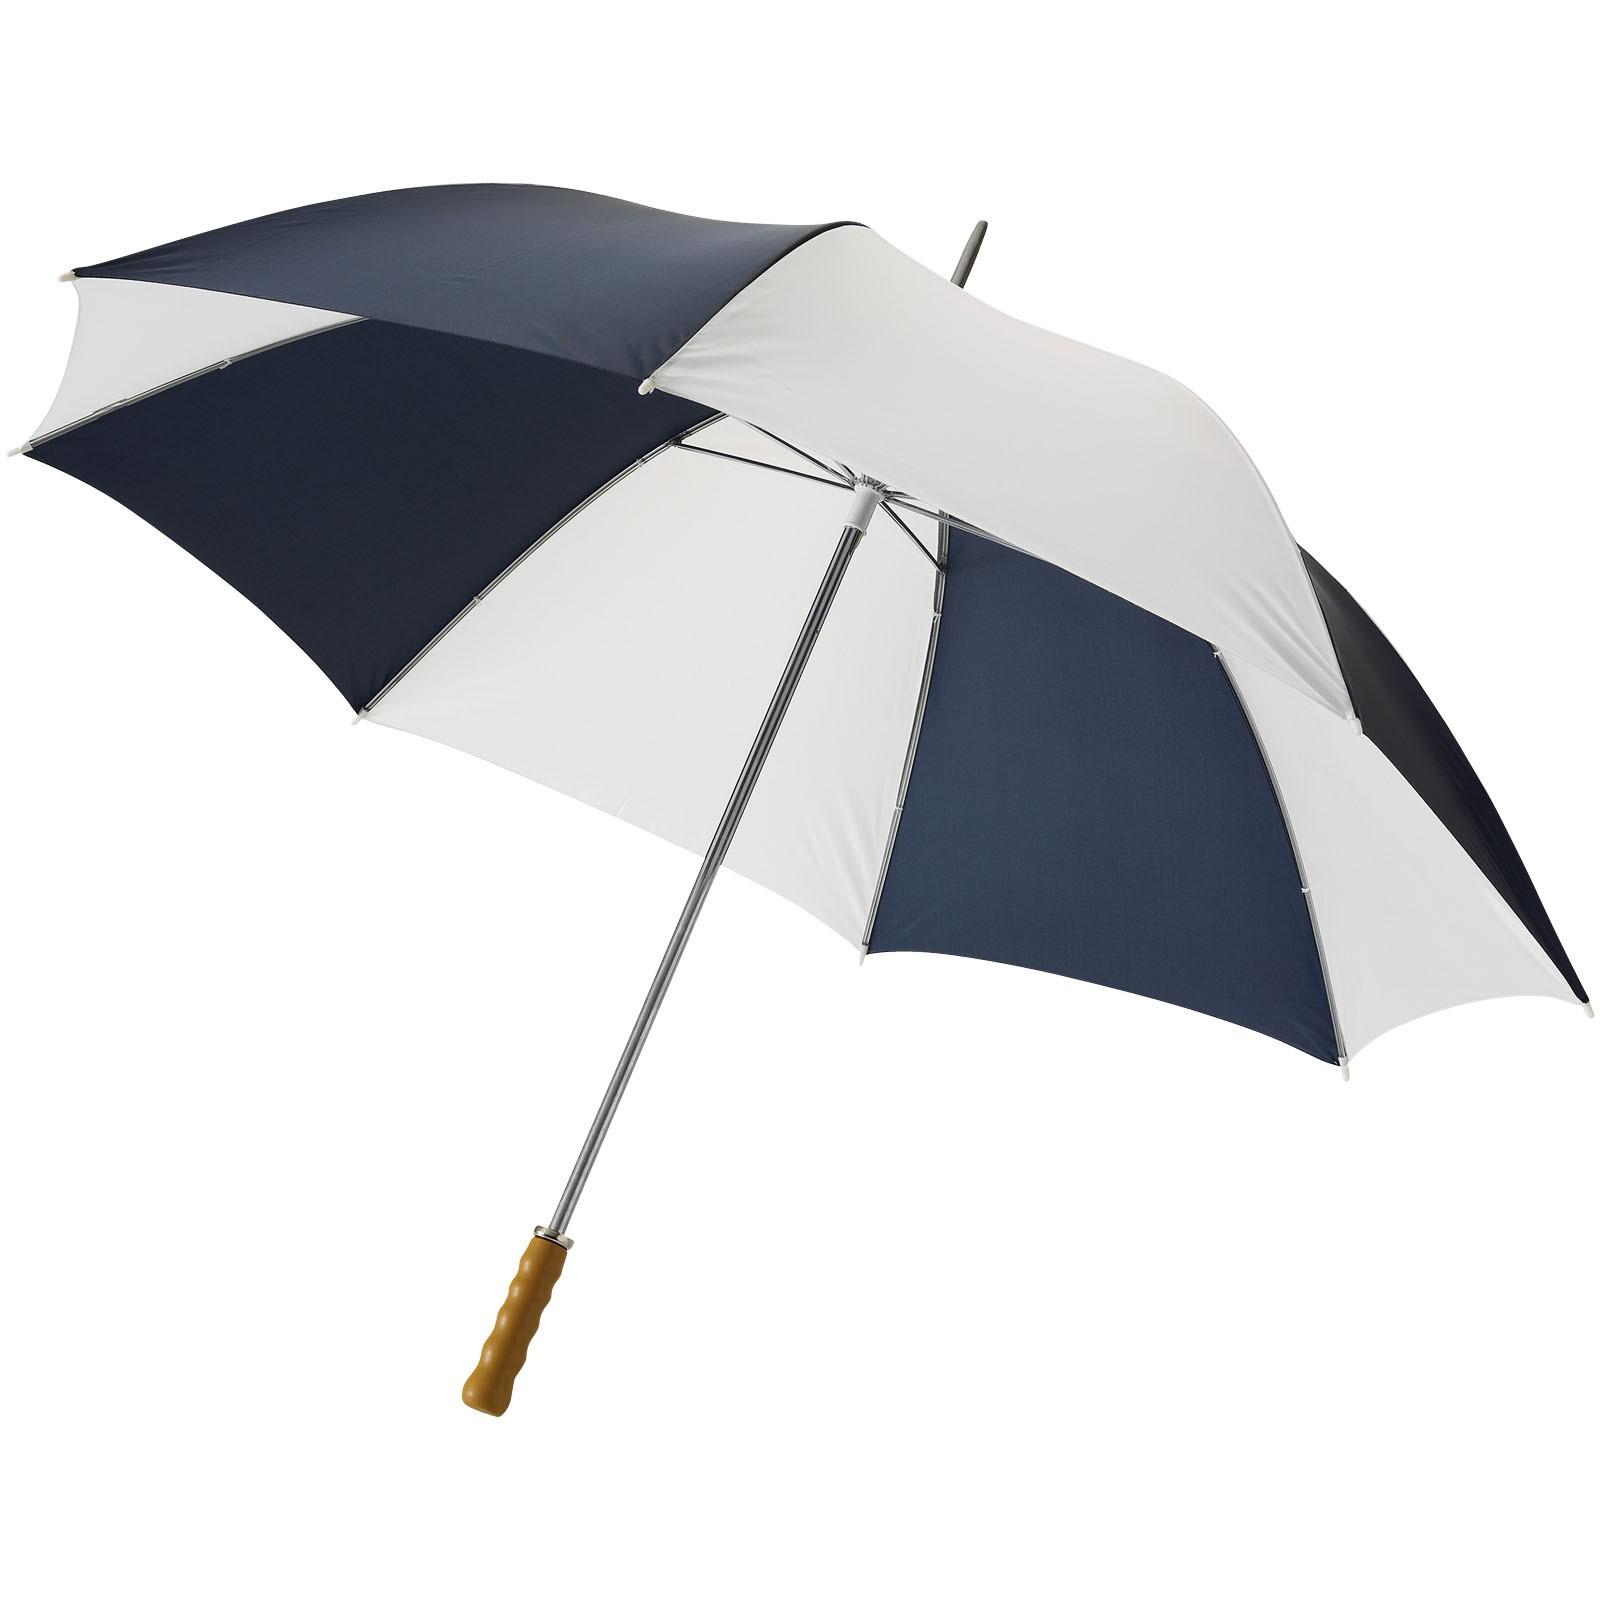 """30"""" golfový deštník Karl s dřevěnou rukojetí - Navy / White Solid"""